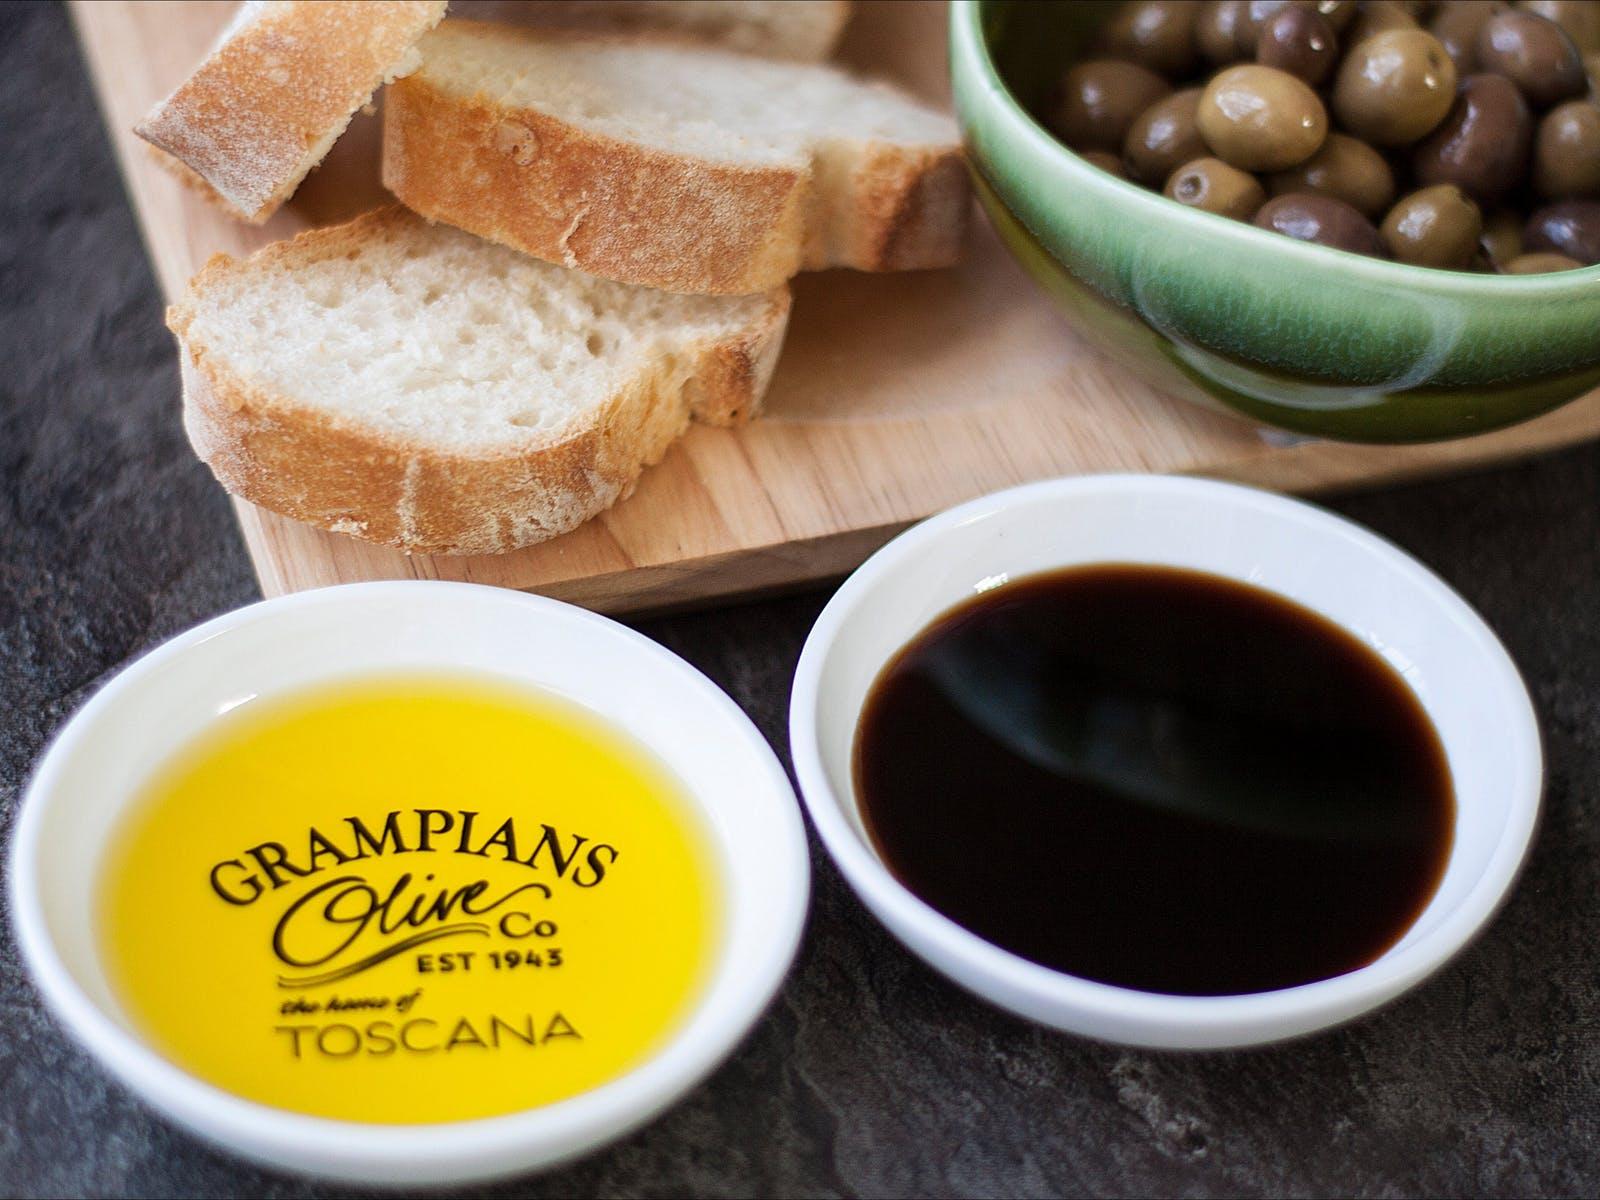 Grampians Olive Co. olive oil